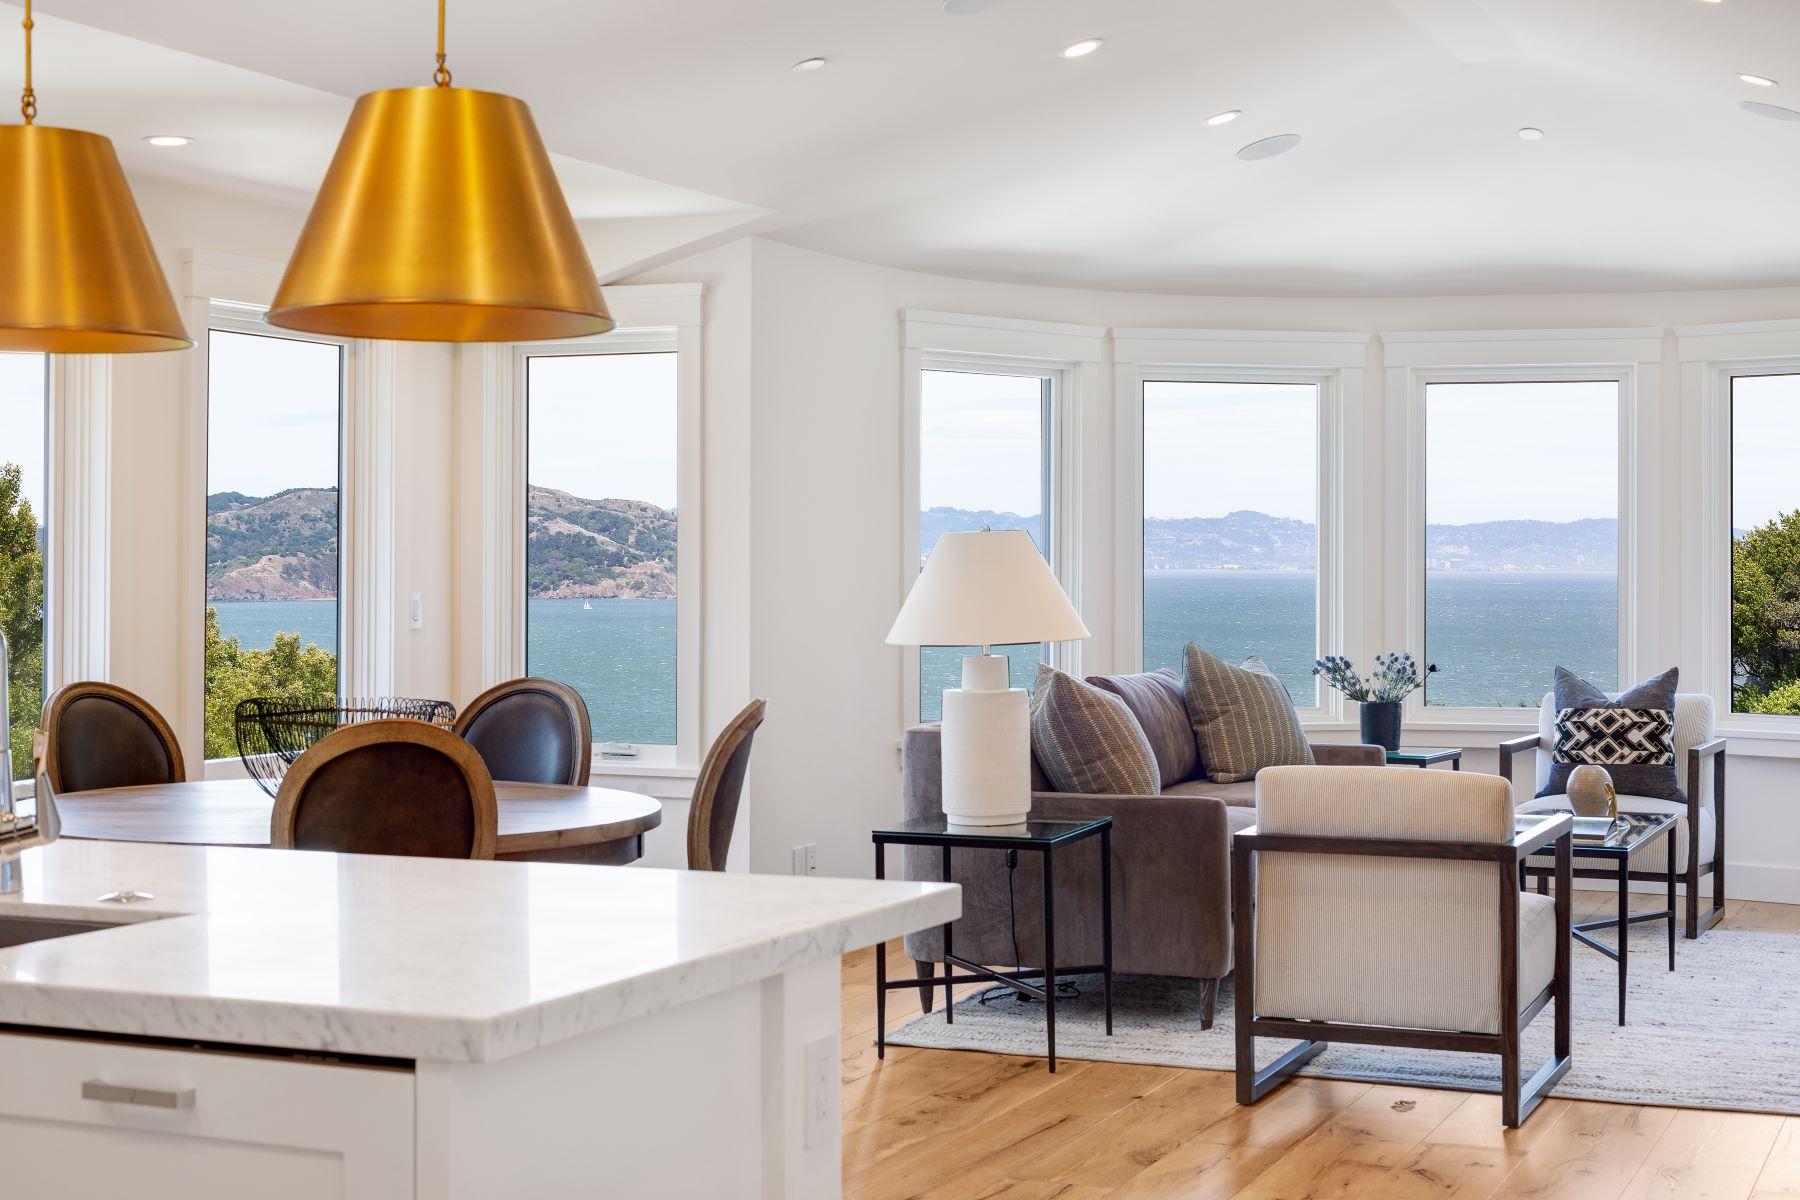 Condominiums 为 销售 在 BRAND NEW LUXURY RESIDENCE 37 Crescent Ave 索萨利托, 加利福尼亚州 94965 美国